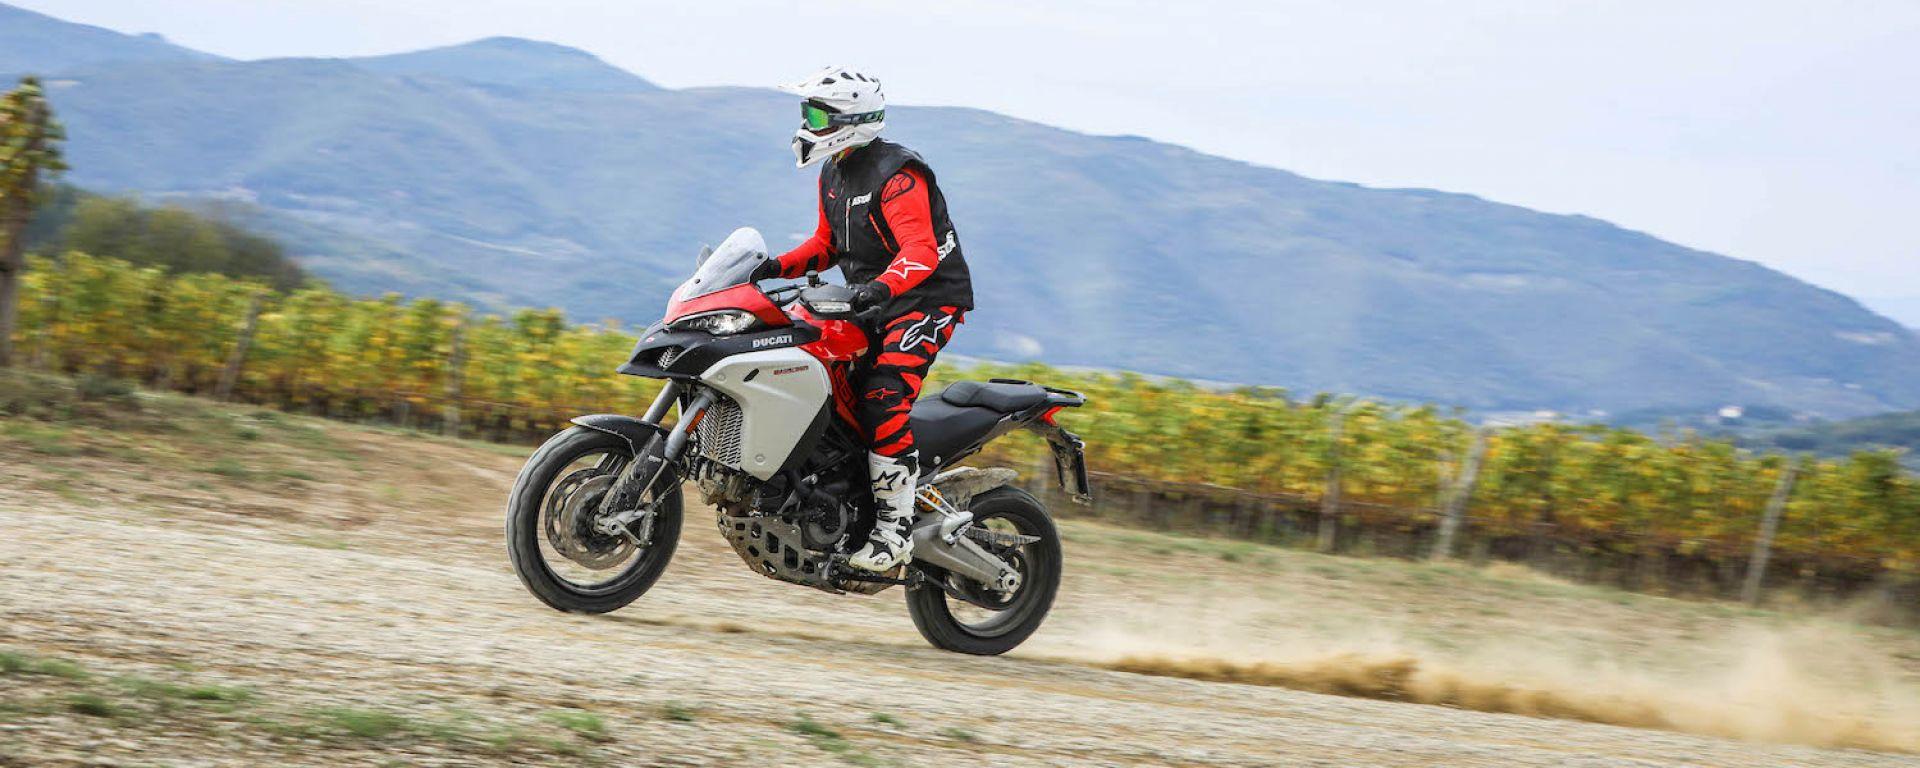 Ducati Multistrada 1260 Enduro: prova su strada e off-road